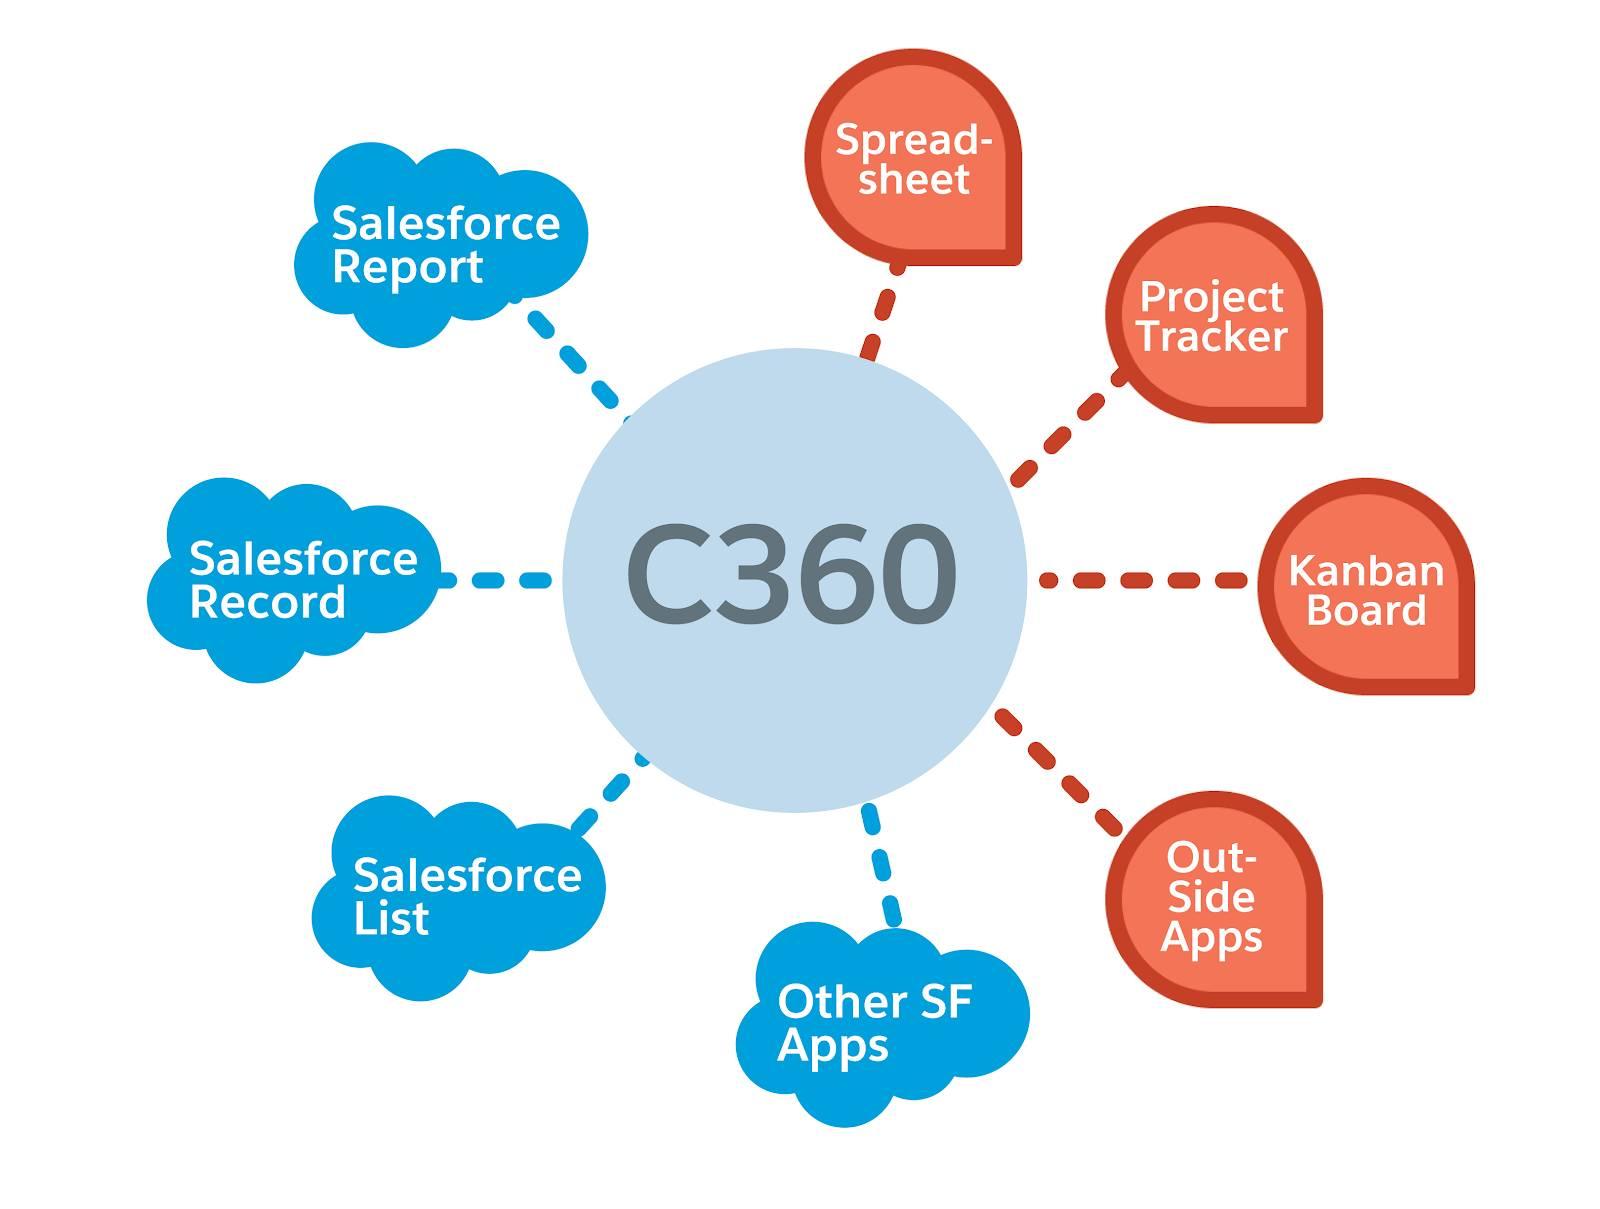 Salesforce ライブアプリケーション (レポート、レコード、リスト、およびその他のアプリケーション) とライブアプリケーション (スプレッドシート、プロジェクトトラッカー、Kanban ボード、外部アプリケーション) が表示されている Customer 360 を中心にして派生した Salesforce Cloud の図。